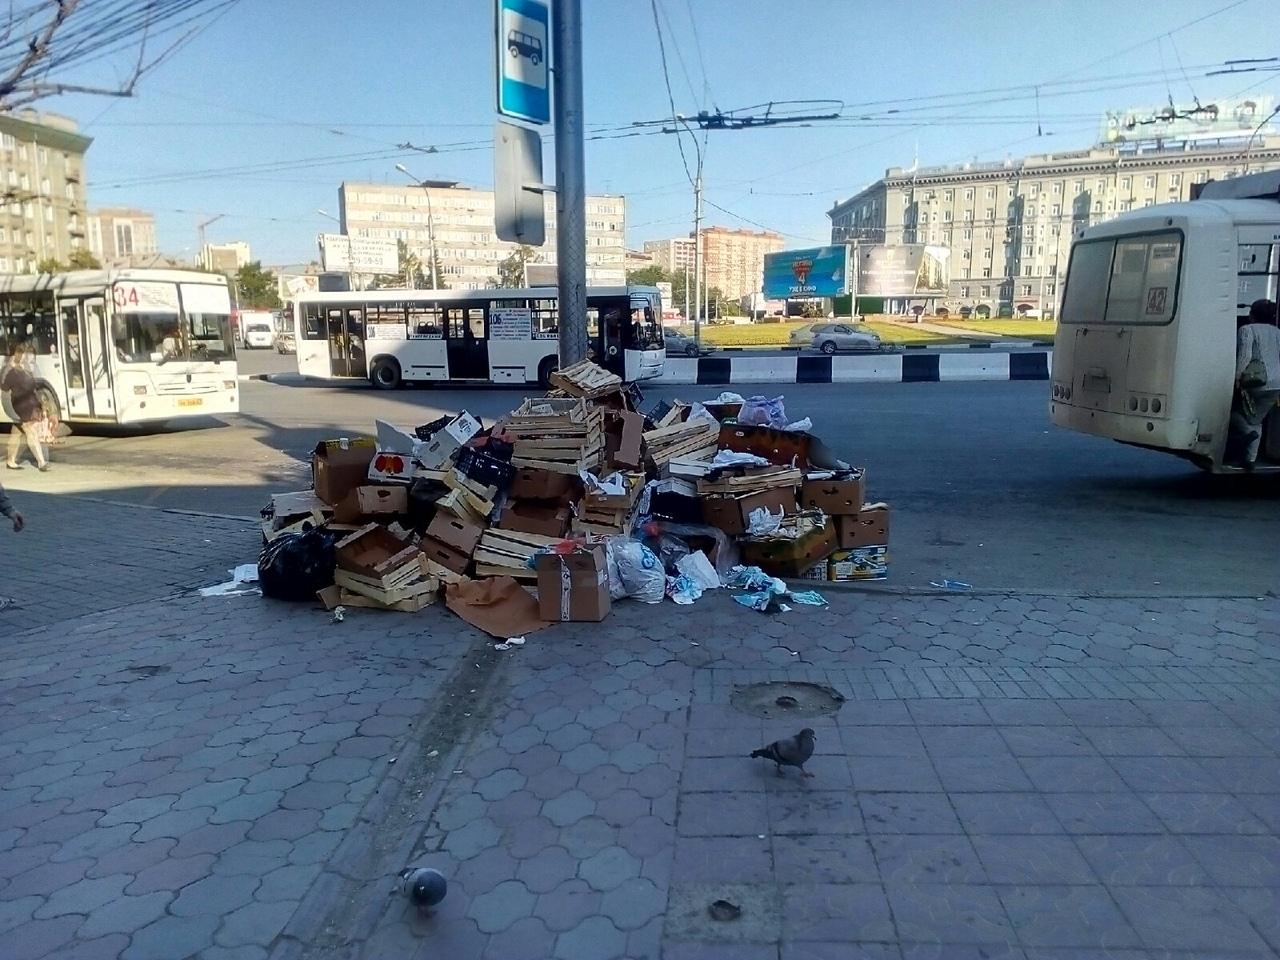 При этом поблизости не было ни уборщиков, ни мусоровоза